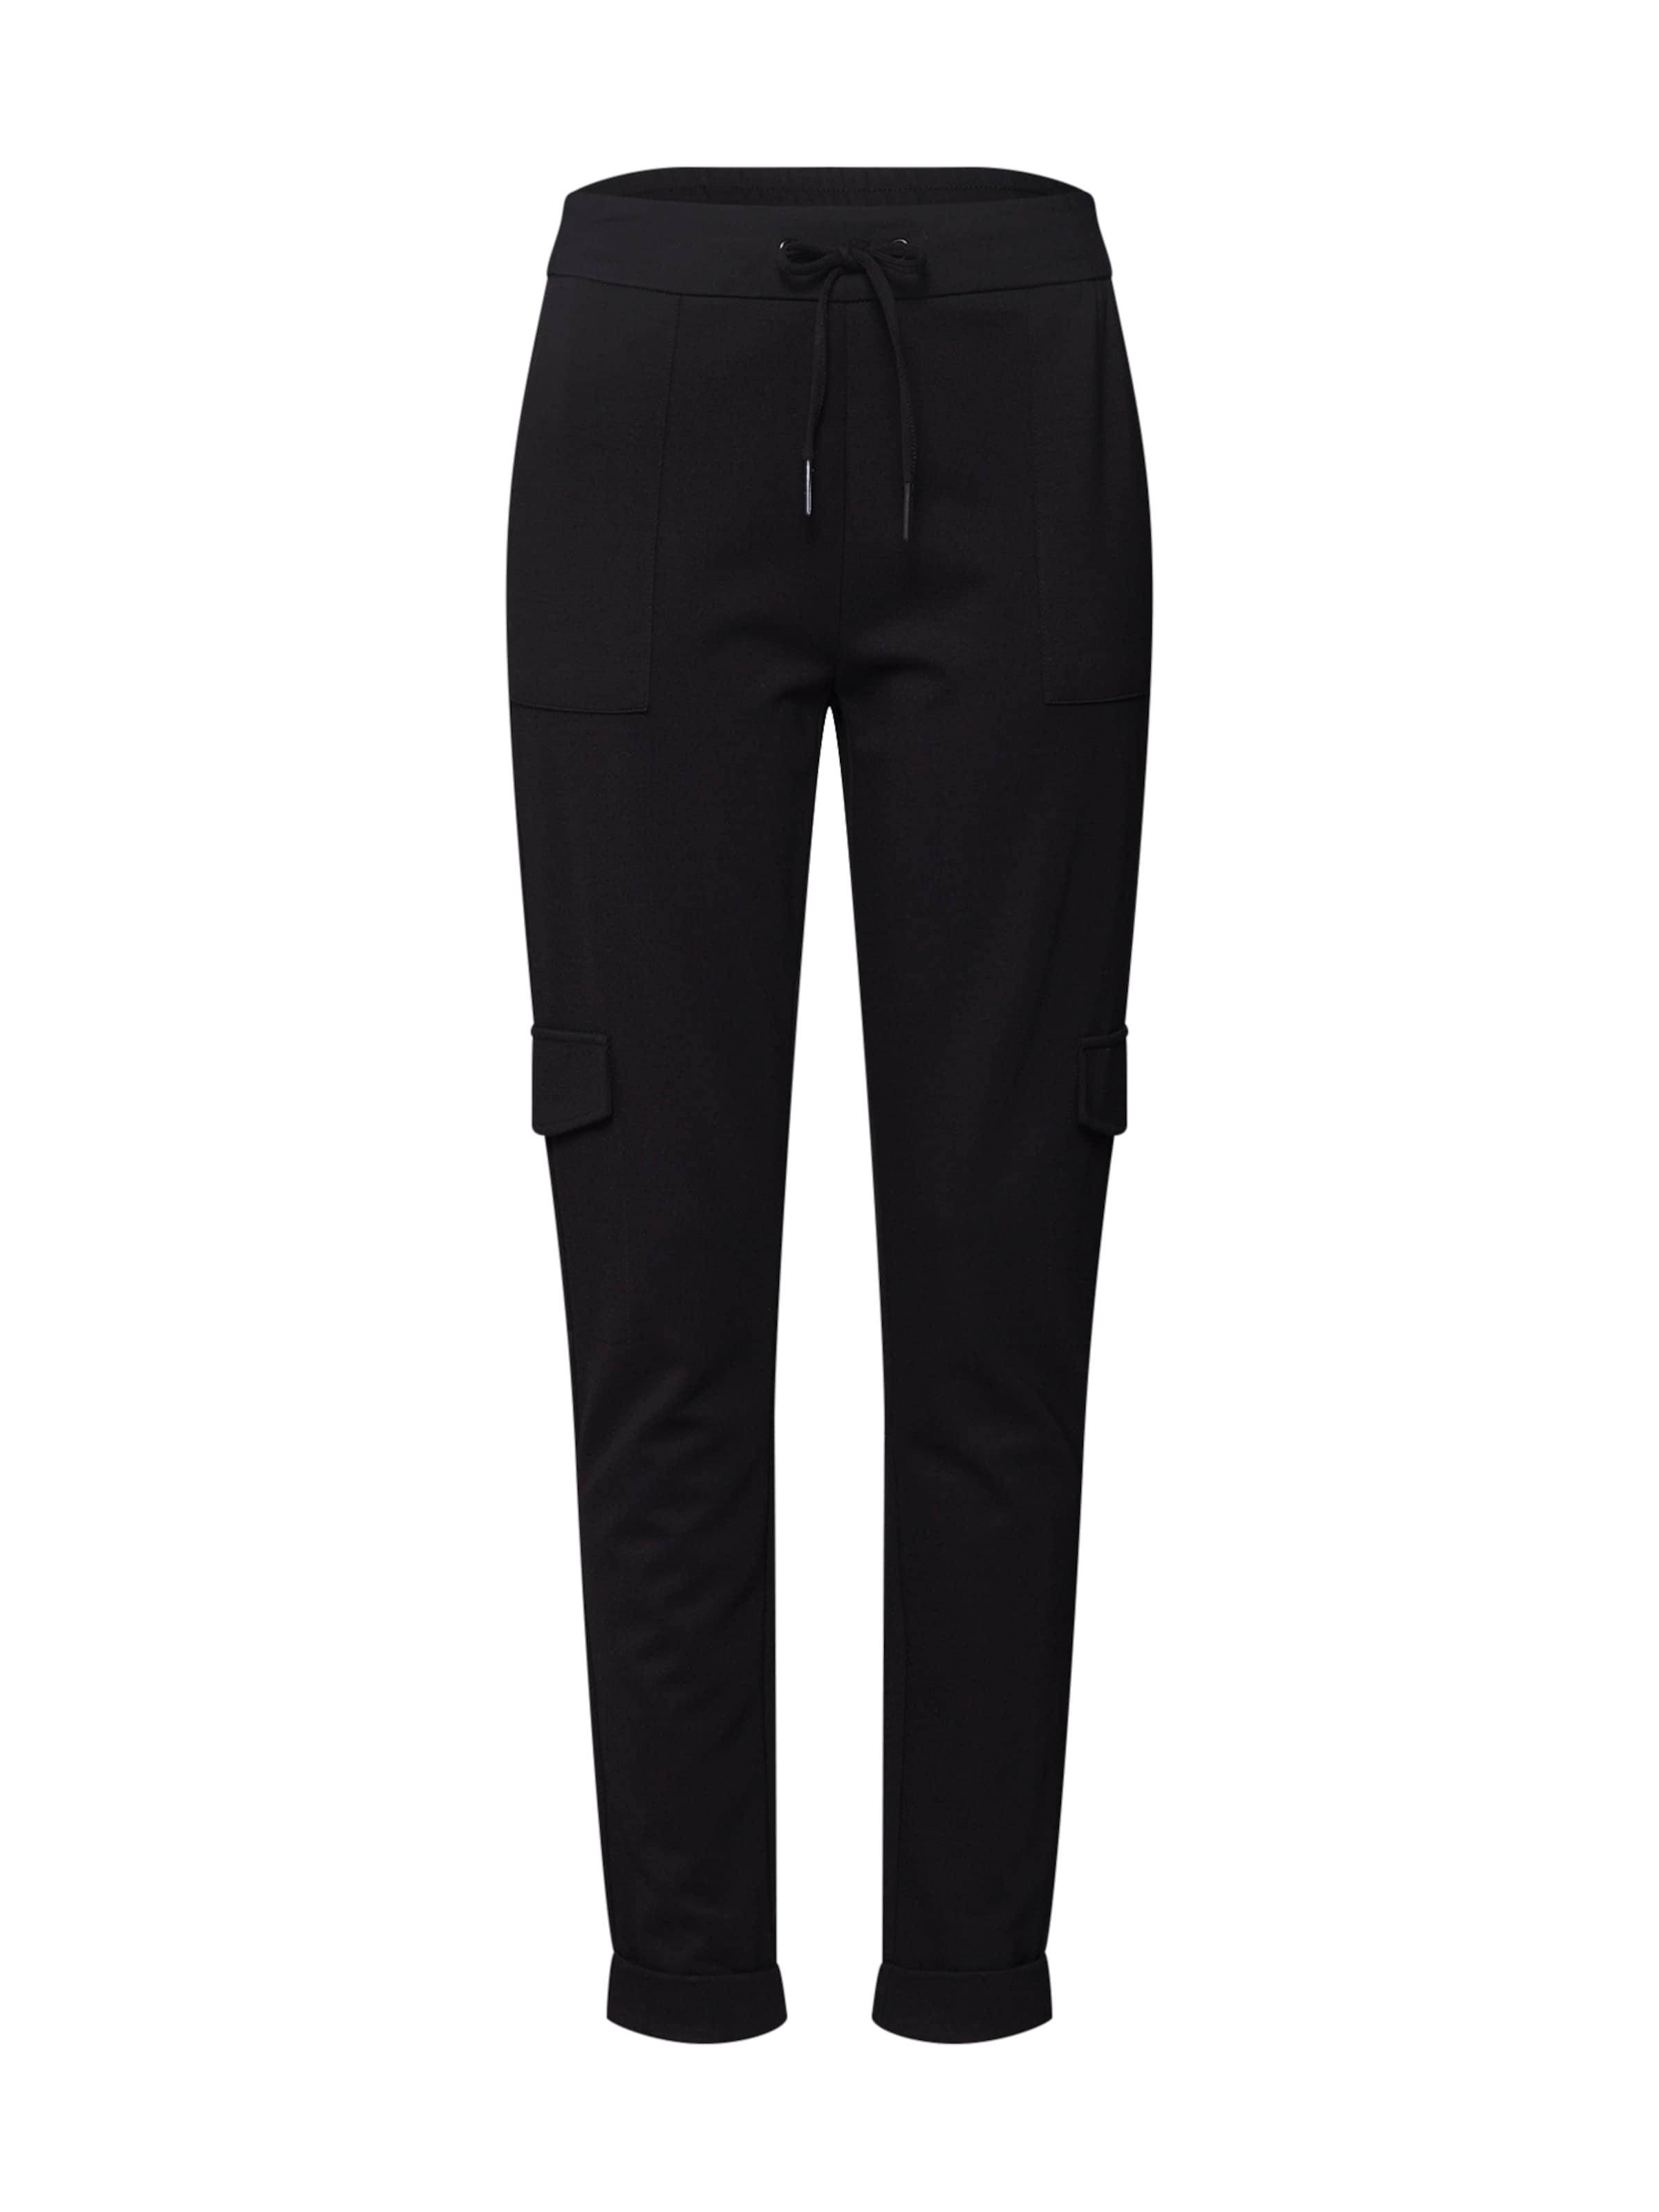 Noir Cargo Noisy 'nmpower Pocket Pantalon En Pants' May qMSzpVU